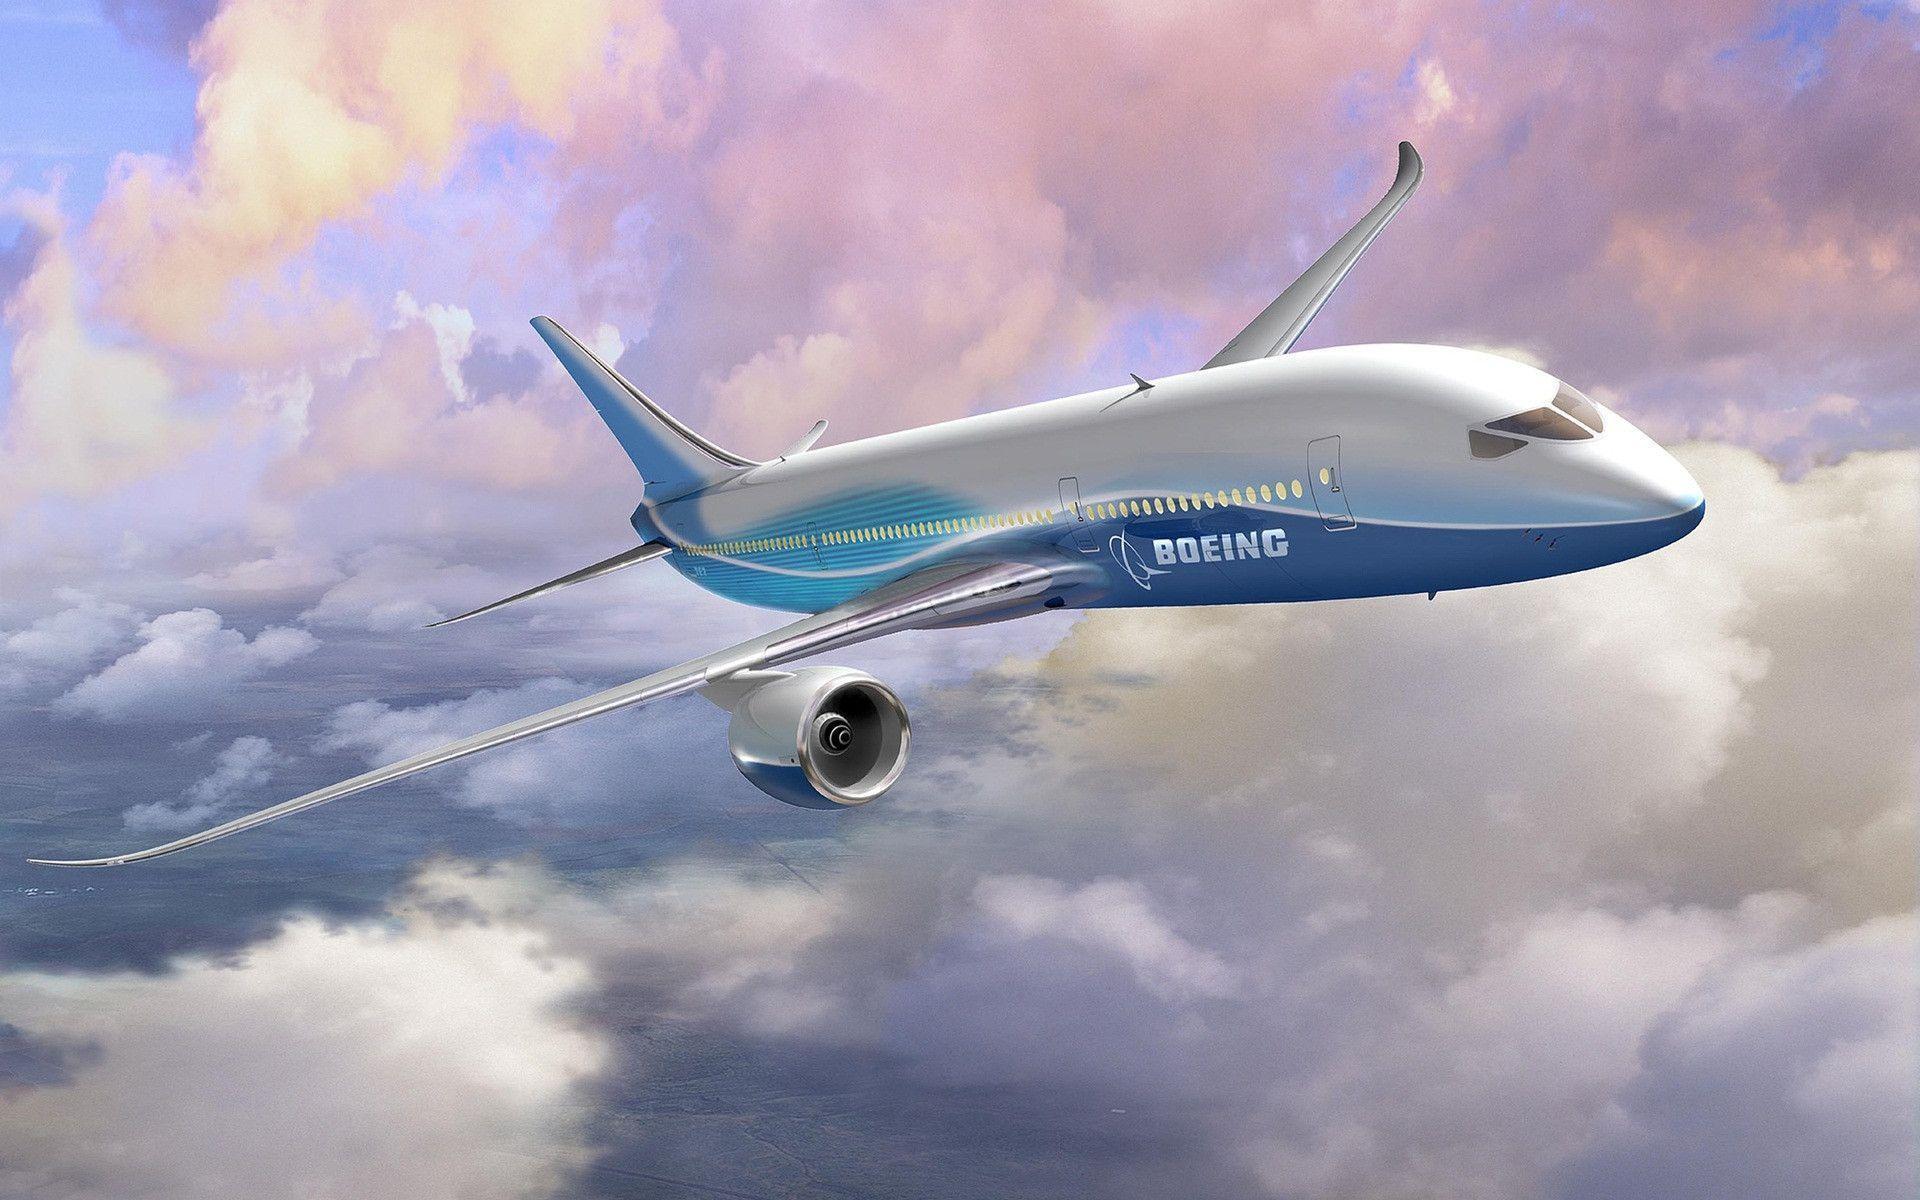 Uçaklar Hakkında Teknik Bilgiler